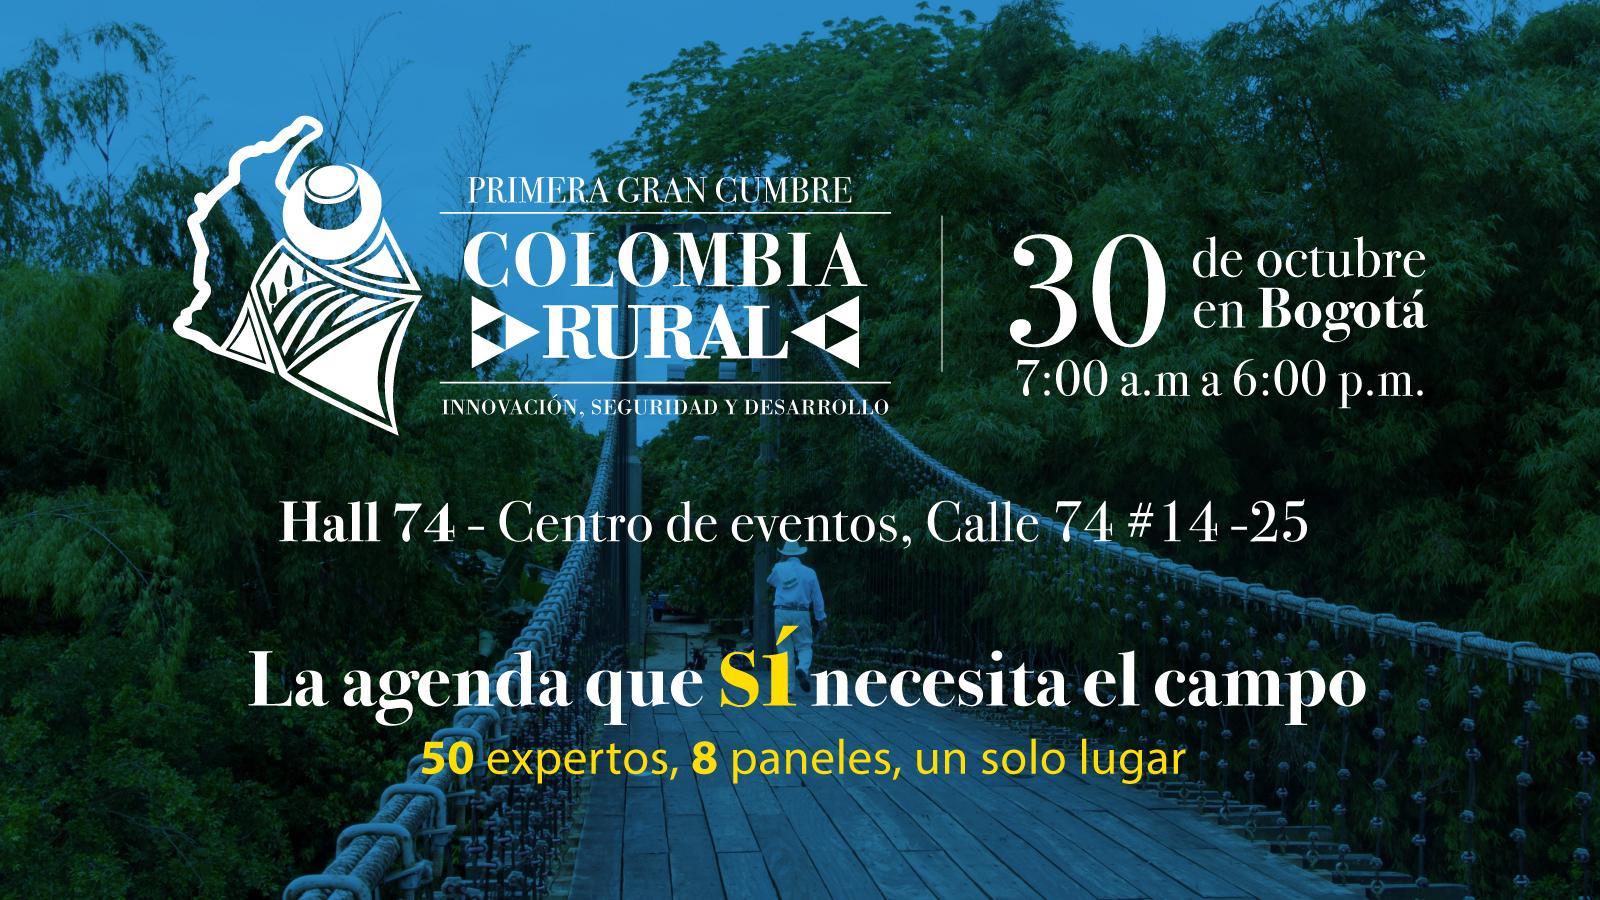 Lo invitamos a la primera Gran Cumbre Colombia Rural: Innovación, seguridad y desarrollo